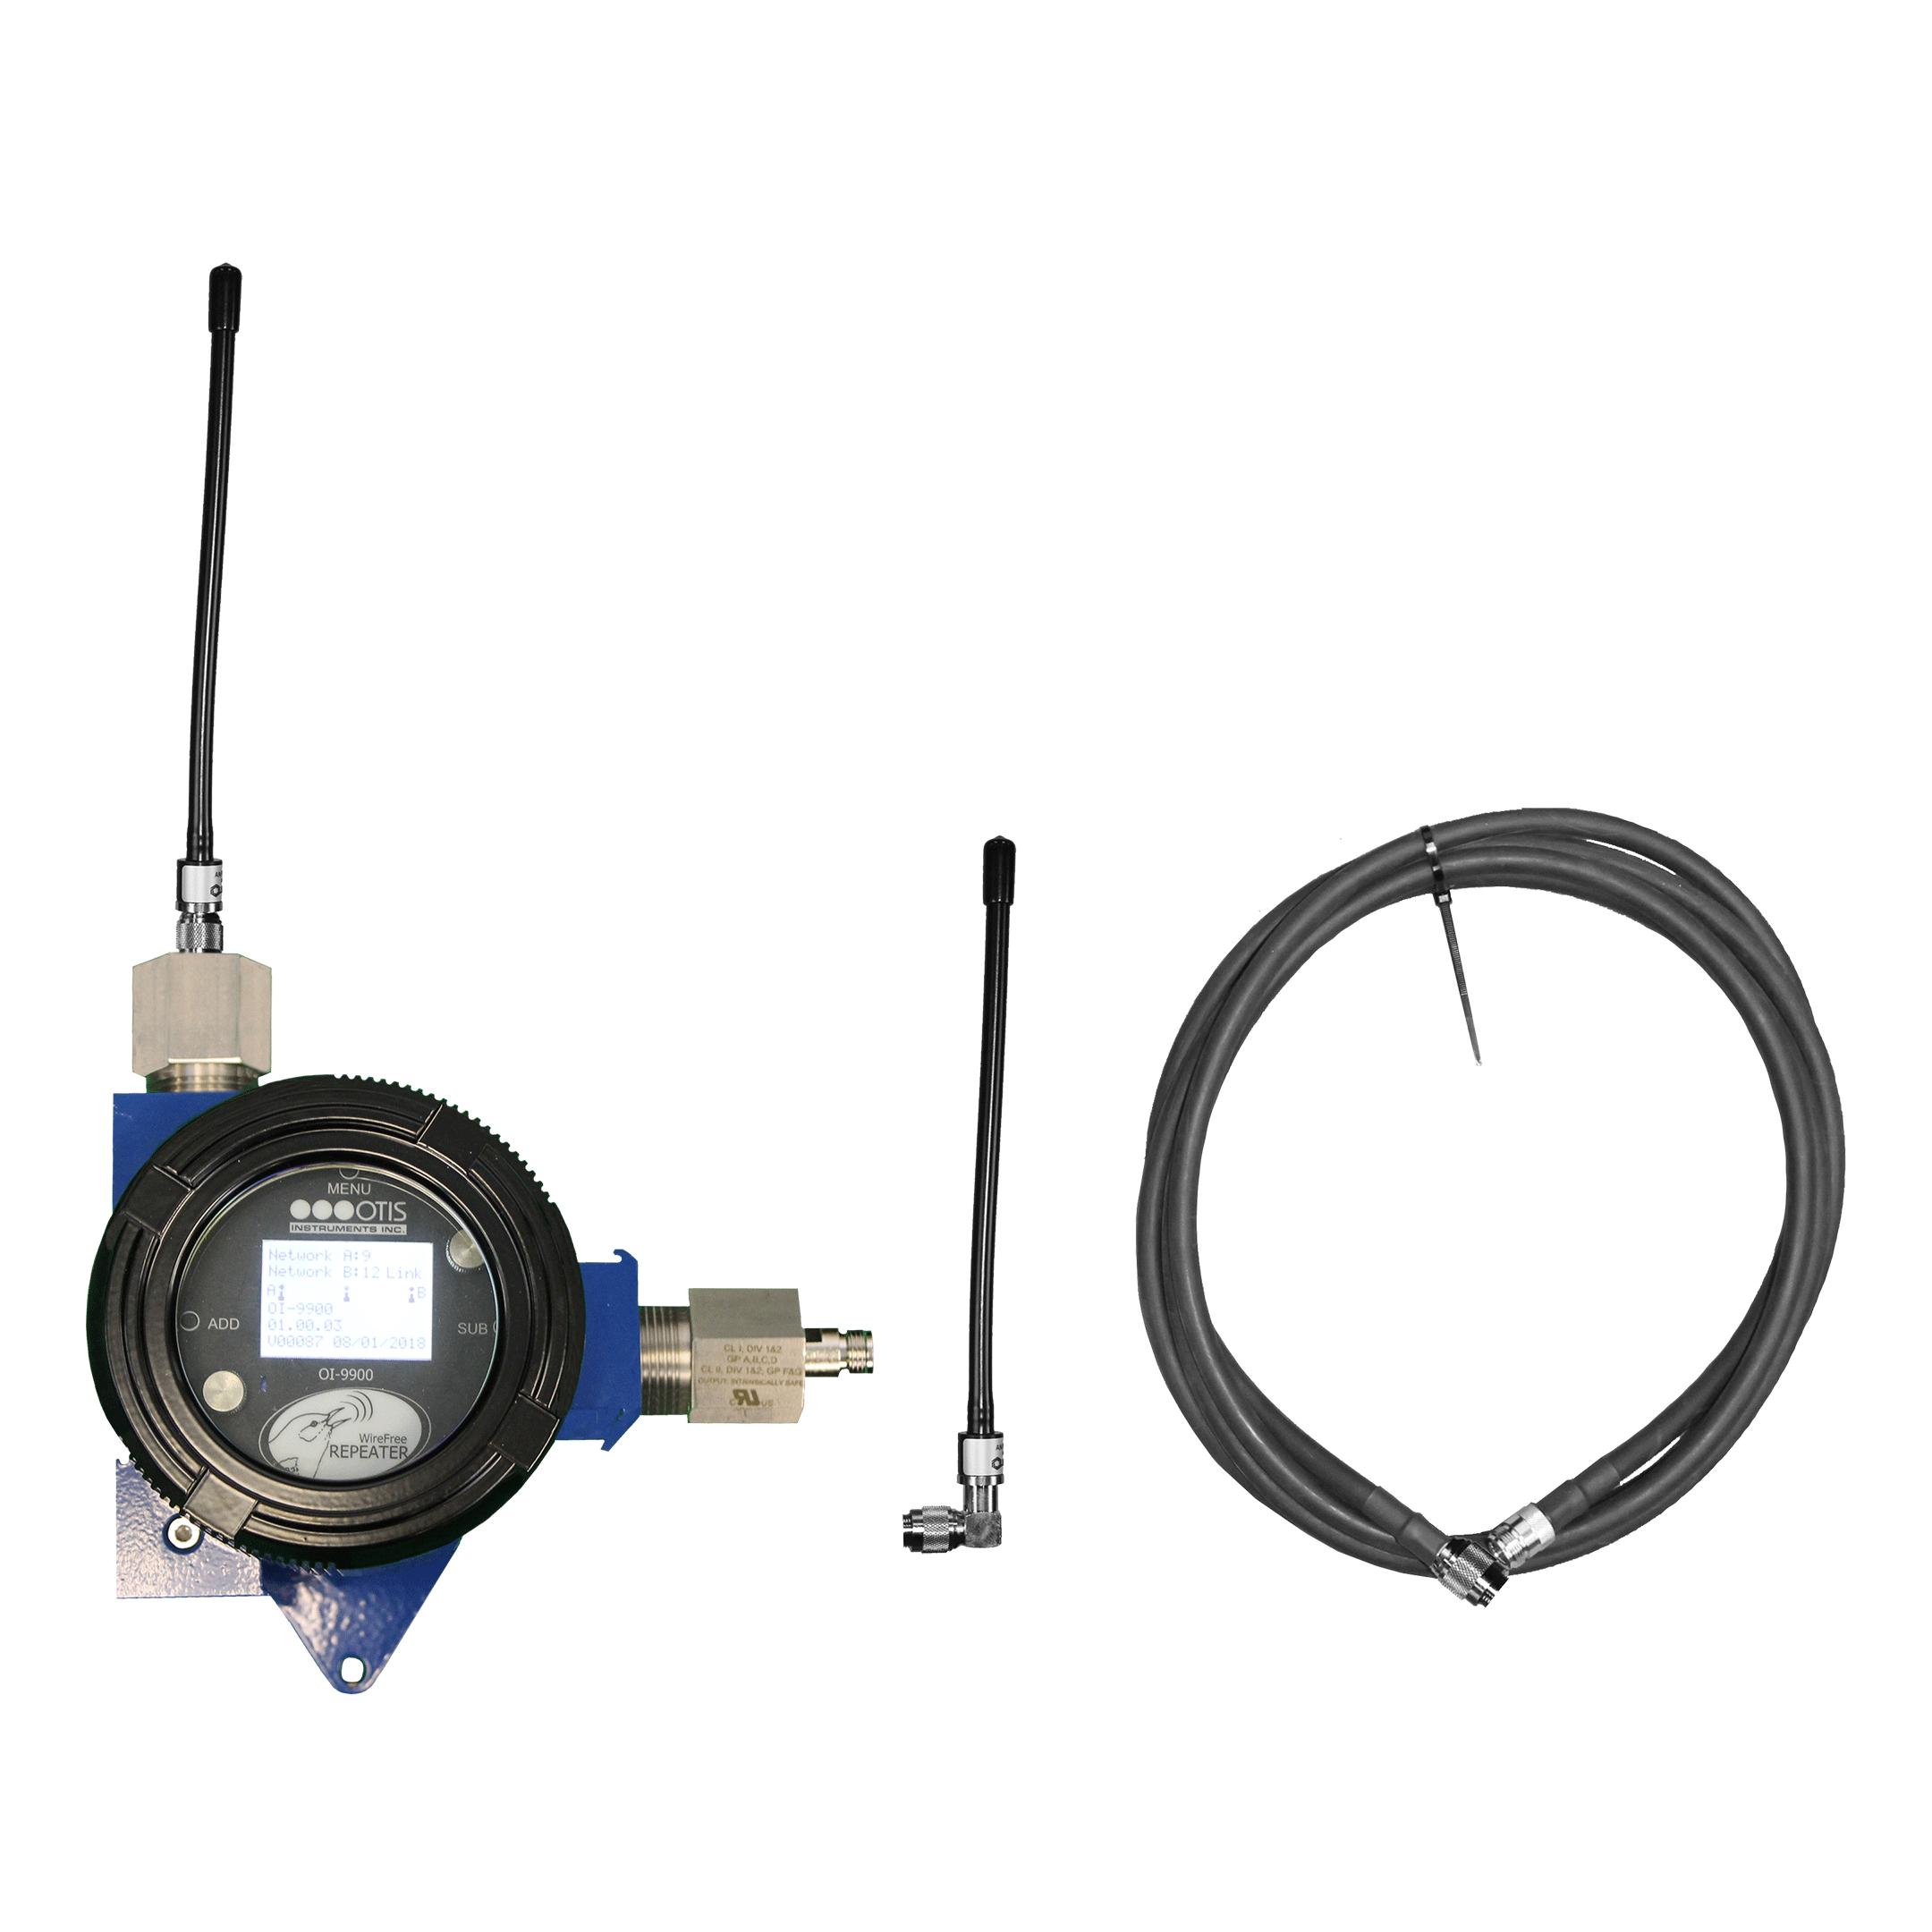 OI-9900-Antenna-Set-otis-instruments